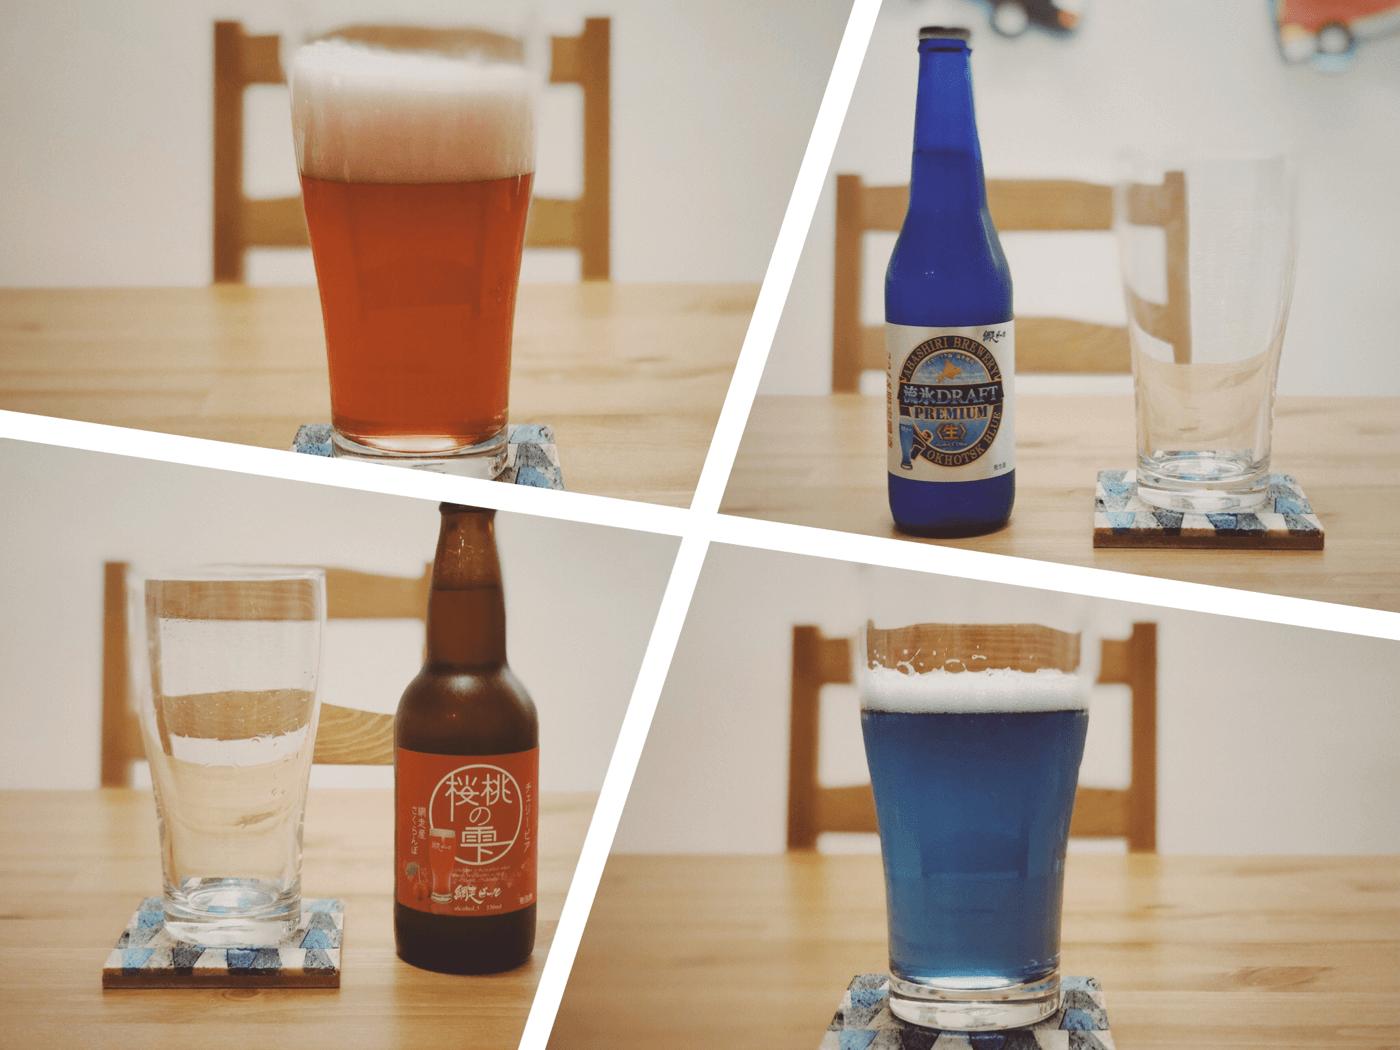 北海道のお土産に網走ビールの「流氷ビール」と「桜桃の雫」買って飲んだ